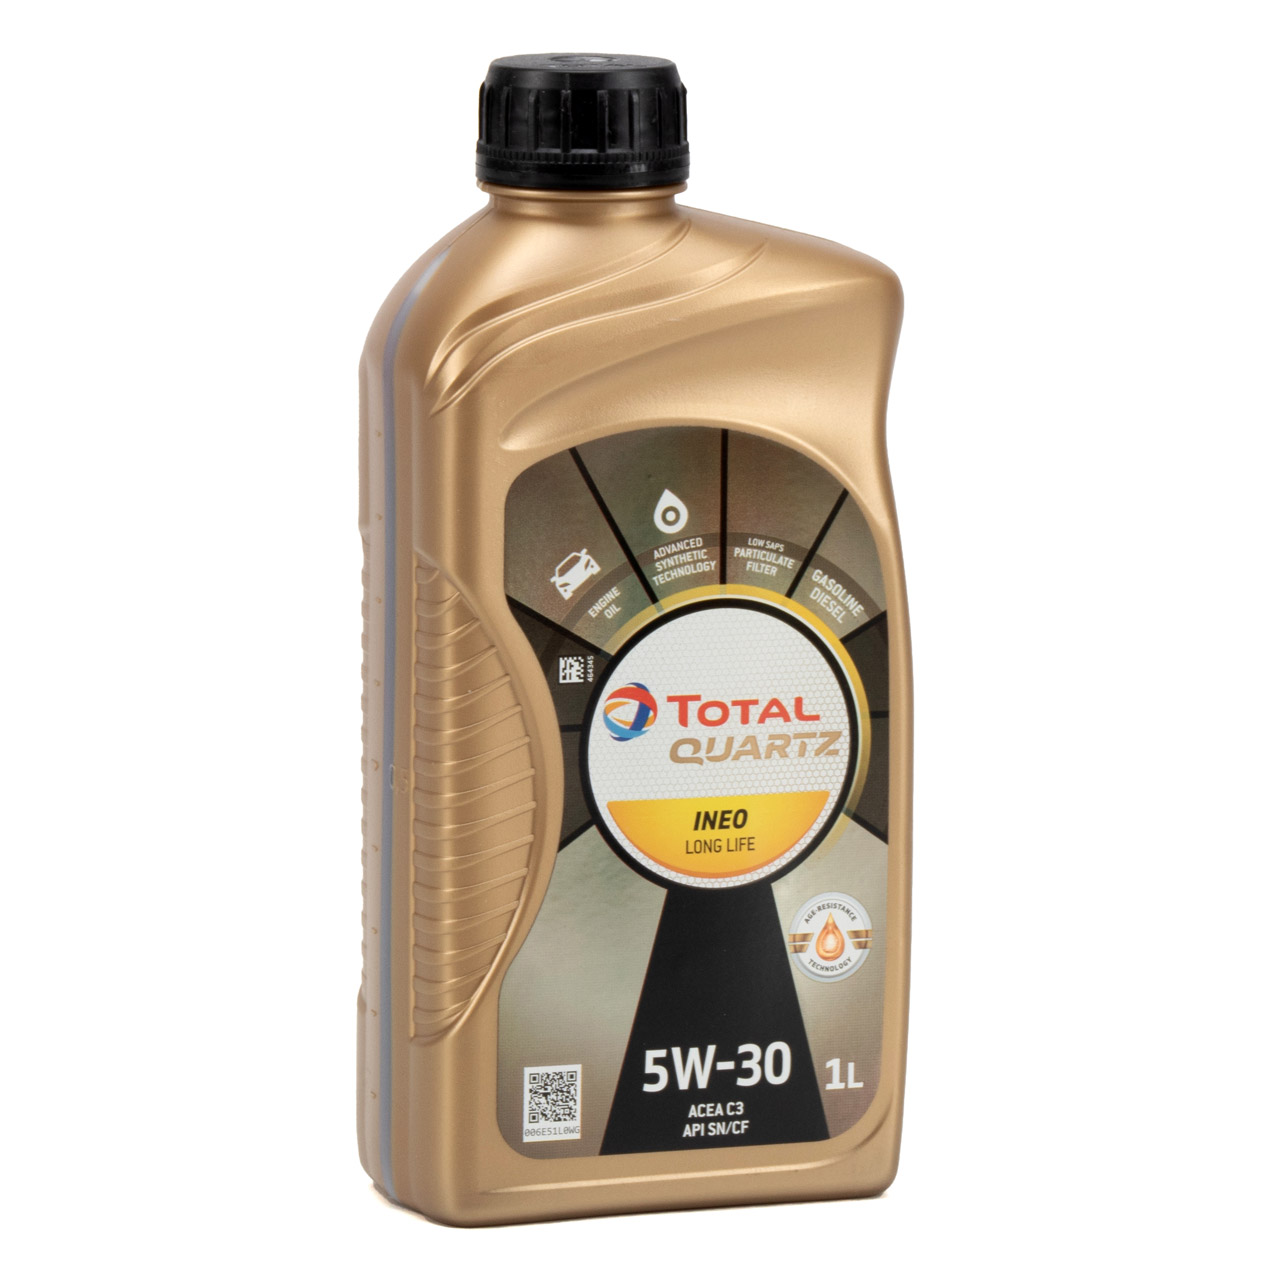 TOTAL QUARTZ INEO LONGLIFE 5W30 Motoröl Öl VW 504/507.00 MB 229.51 - 6L 6 Liter